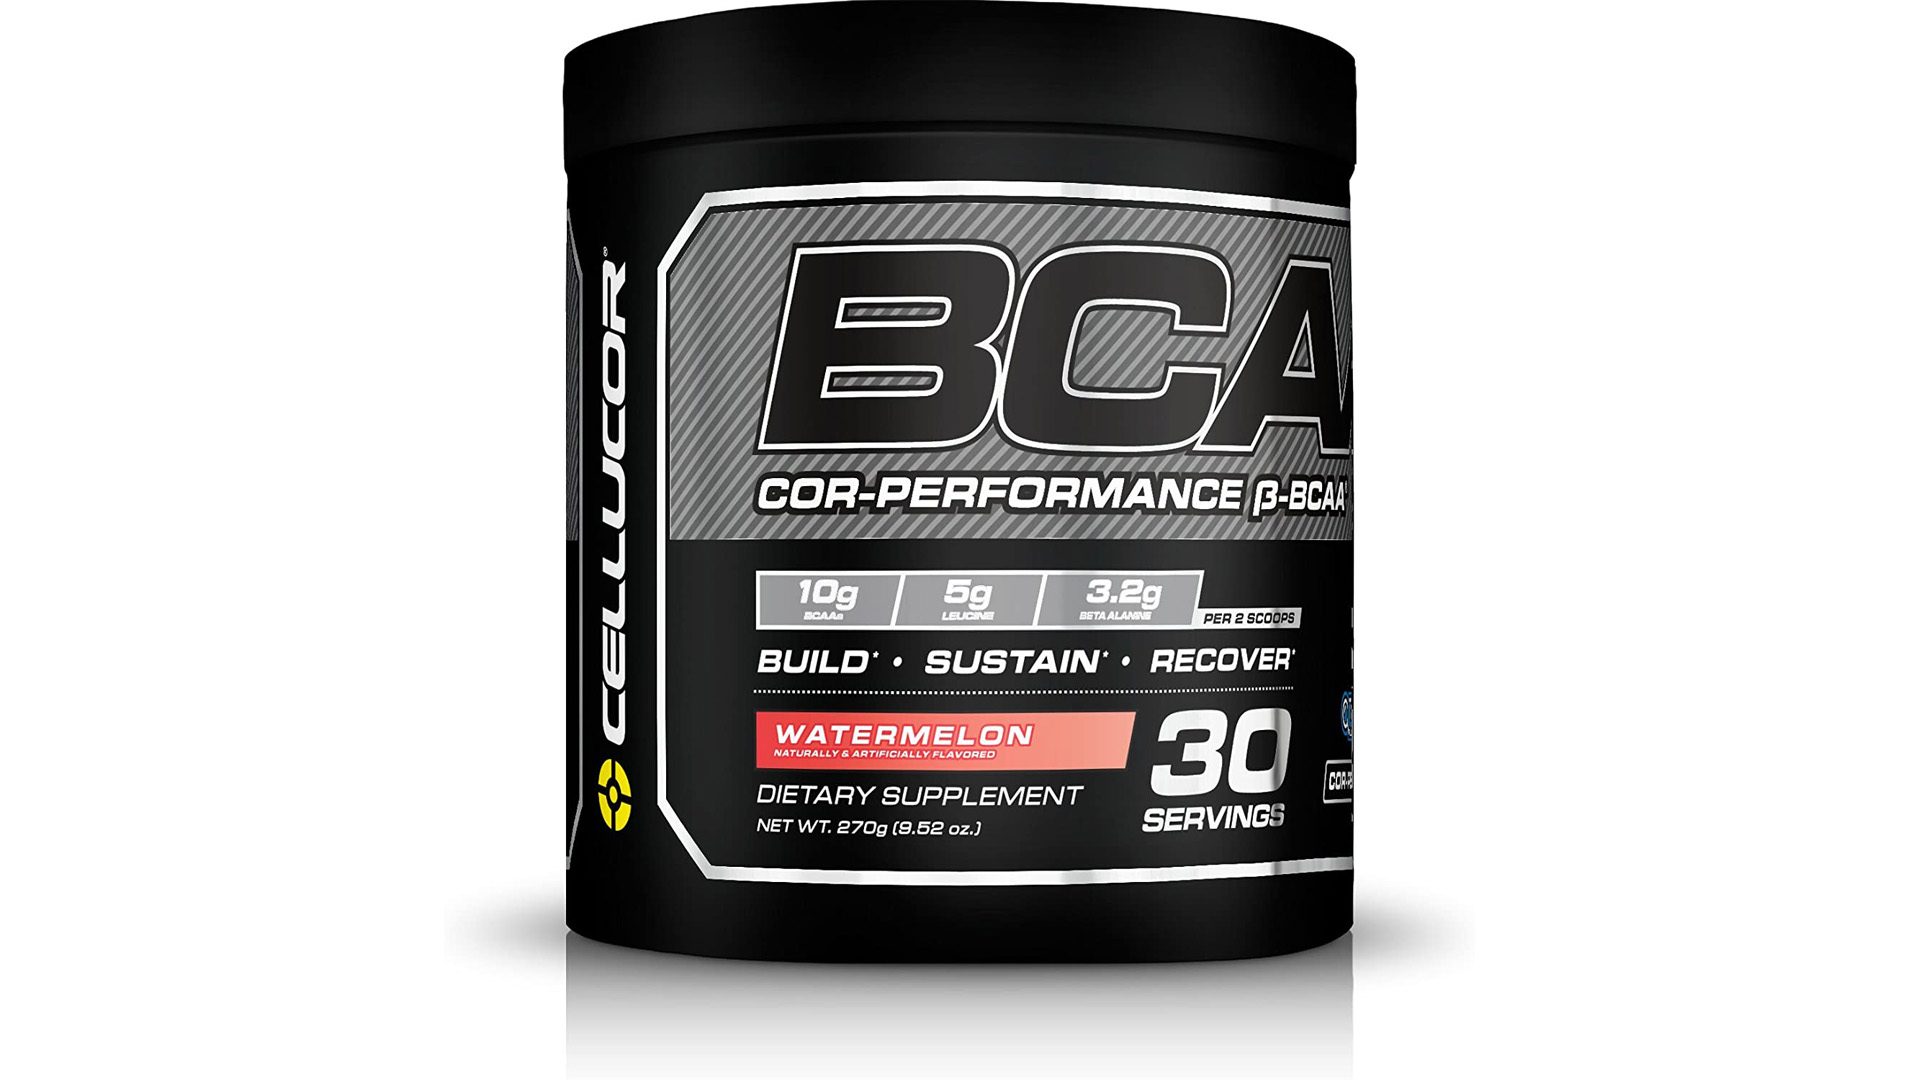 Cellucor Cor-Performance Beta-BCAA